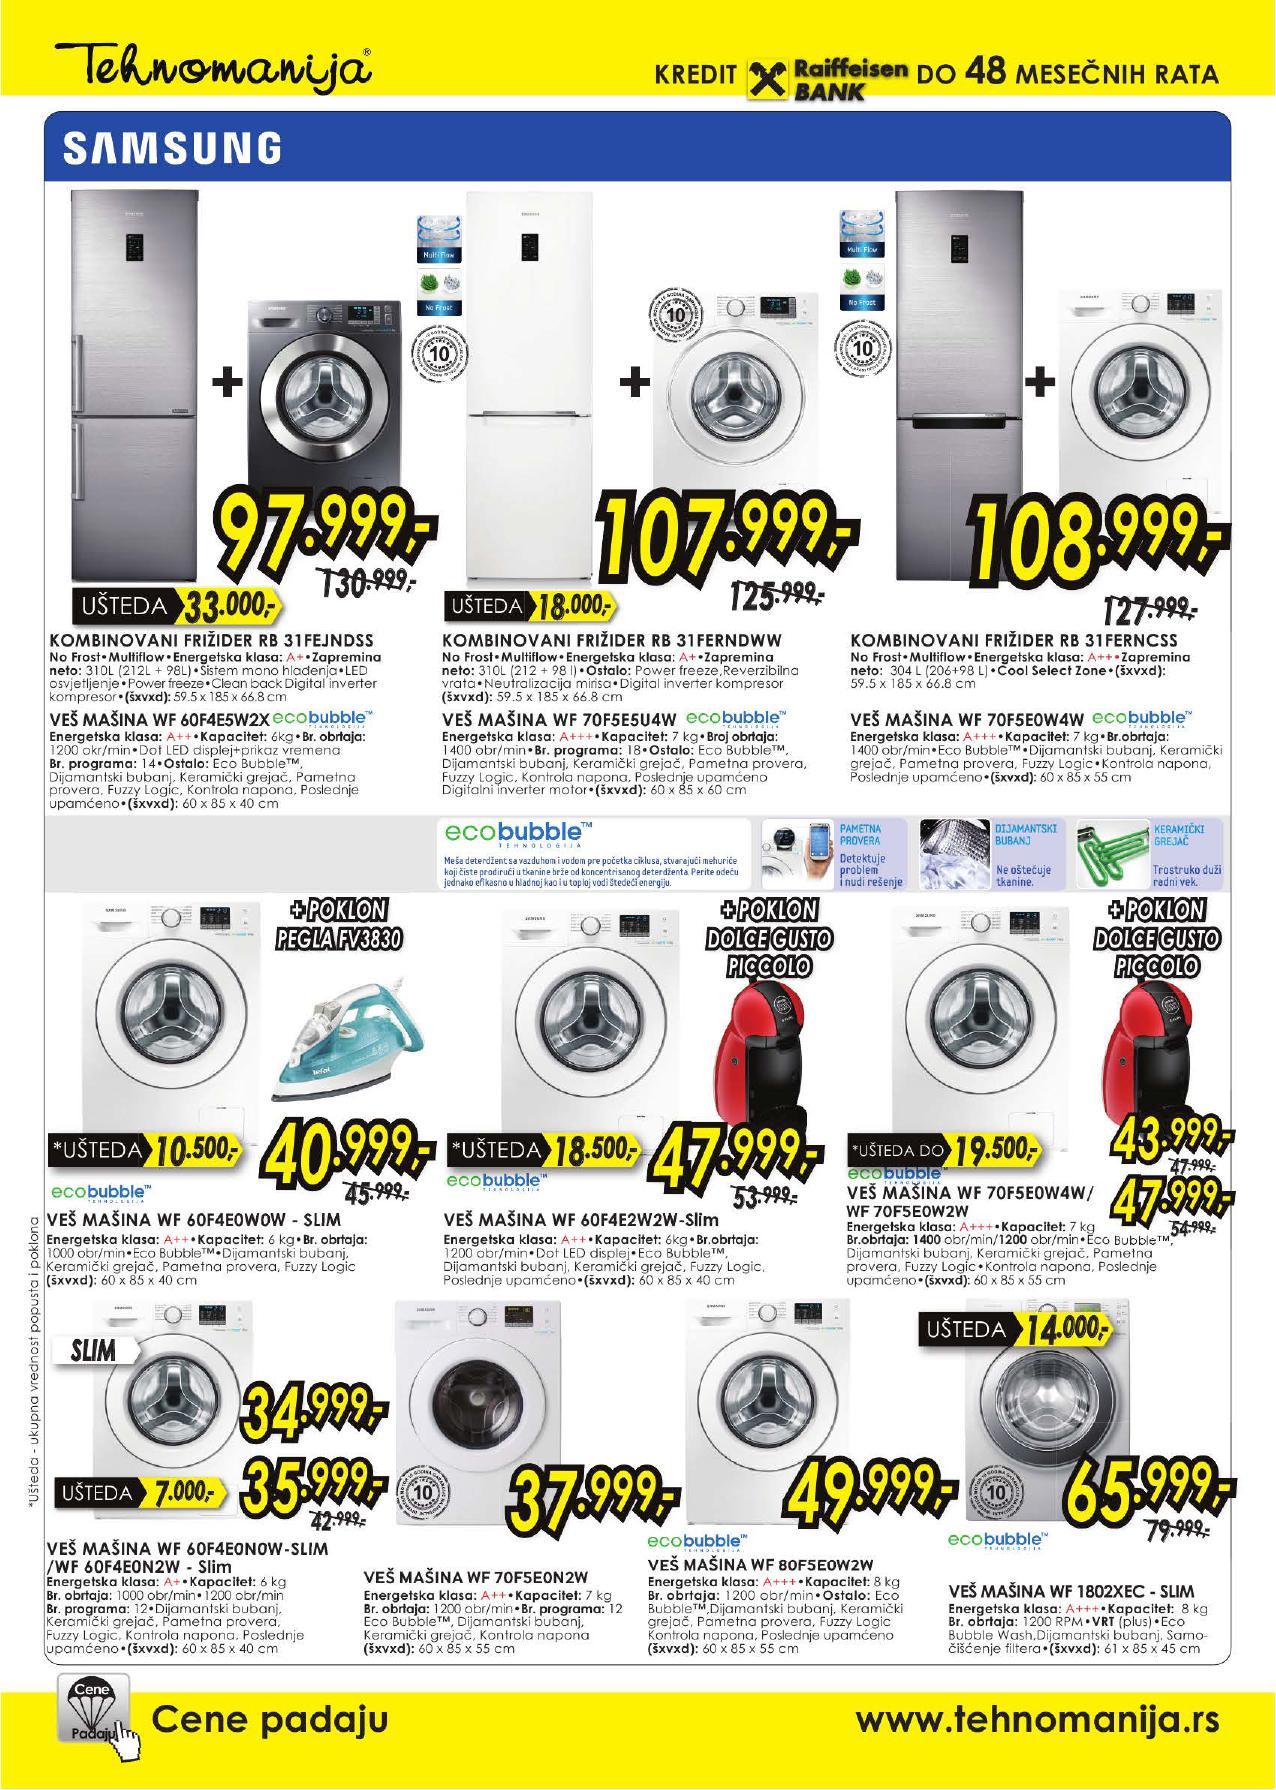 Tehnomanija katalog specijalna ponuda Samsung uređaja